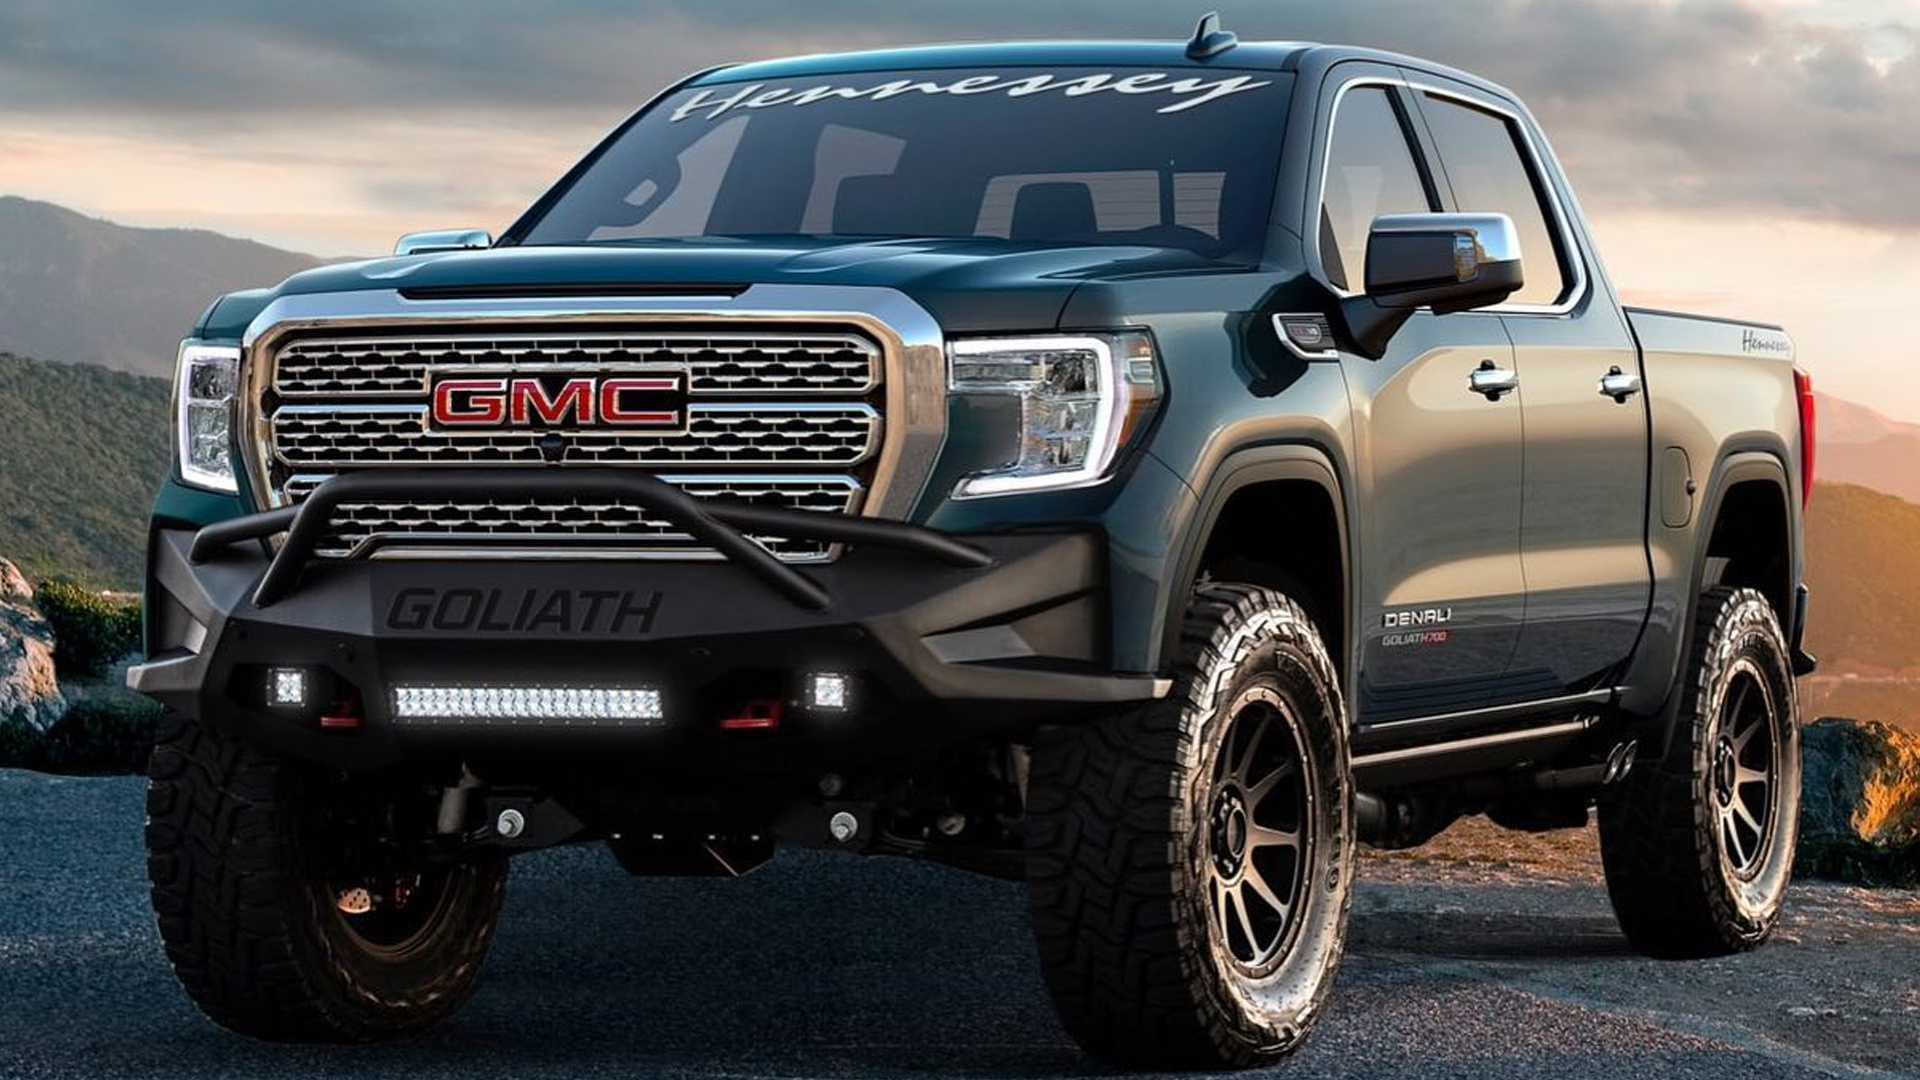 Некоторое время назад мастерская Hennessey Performance выпустила комплексную программу доработки родственных пикапов Chevrolet Silverado и GMC Sierra под названием Goliath, а теперь наглядно продемонстрировала, на что способен «грузовик на стероидах».